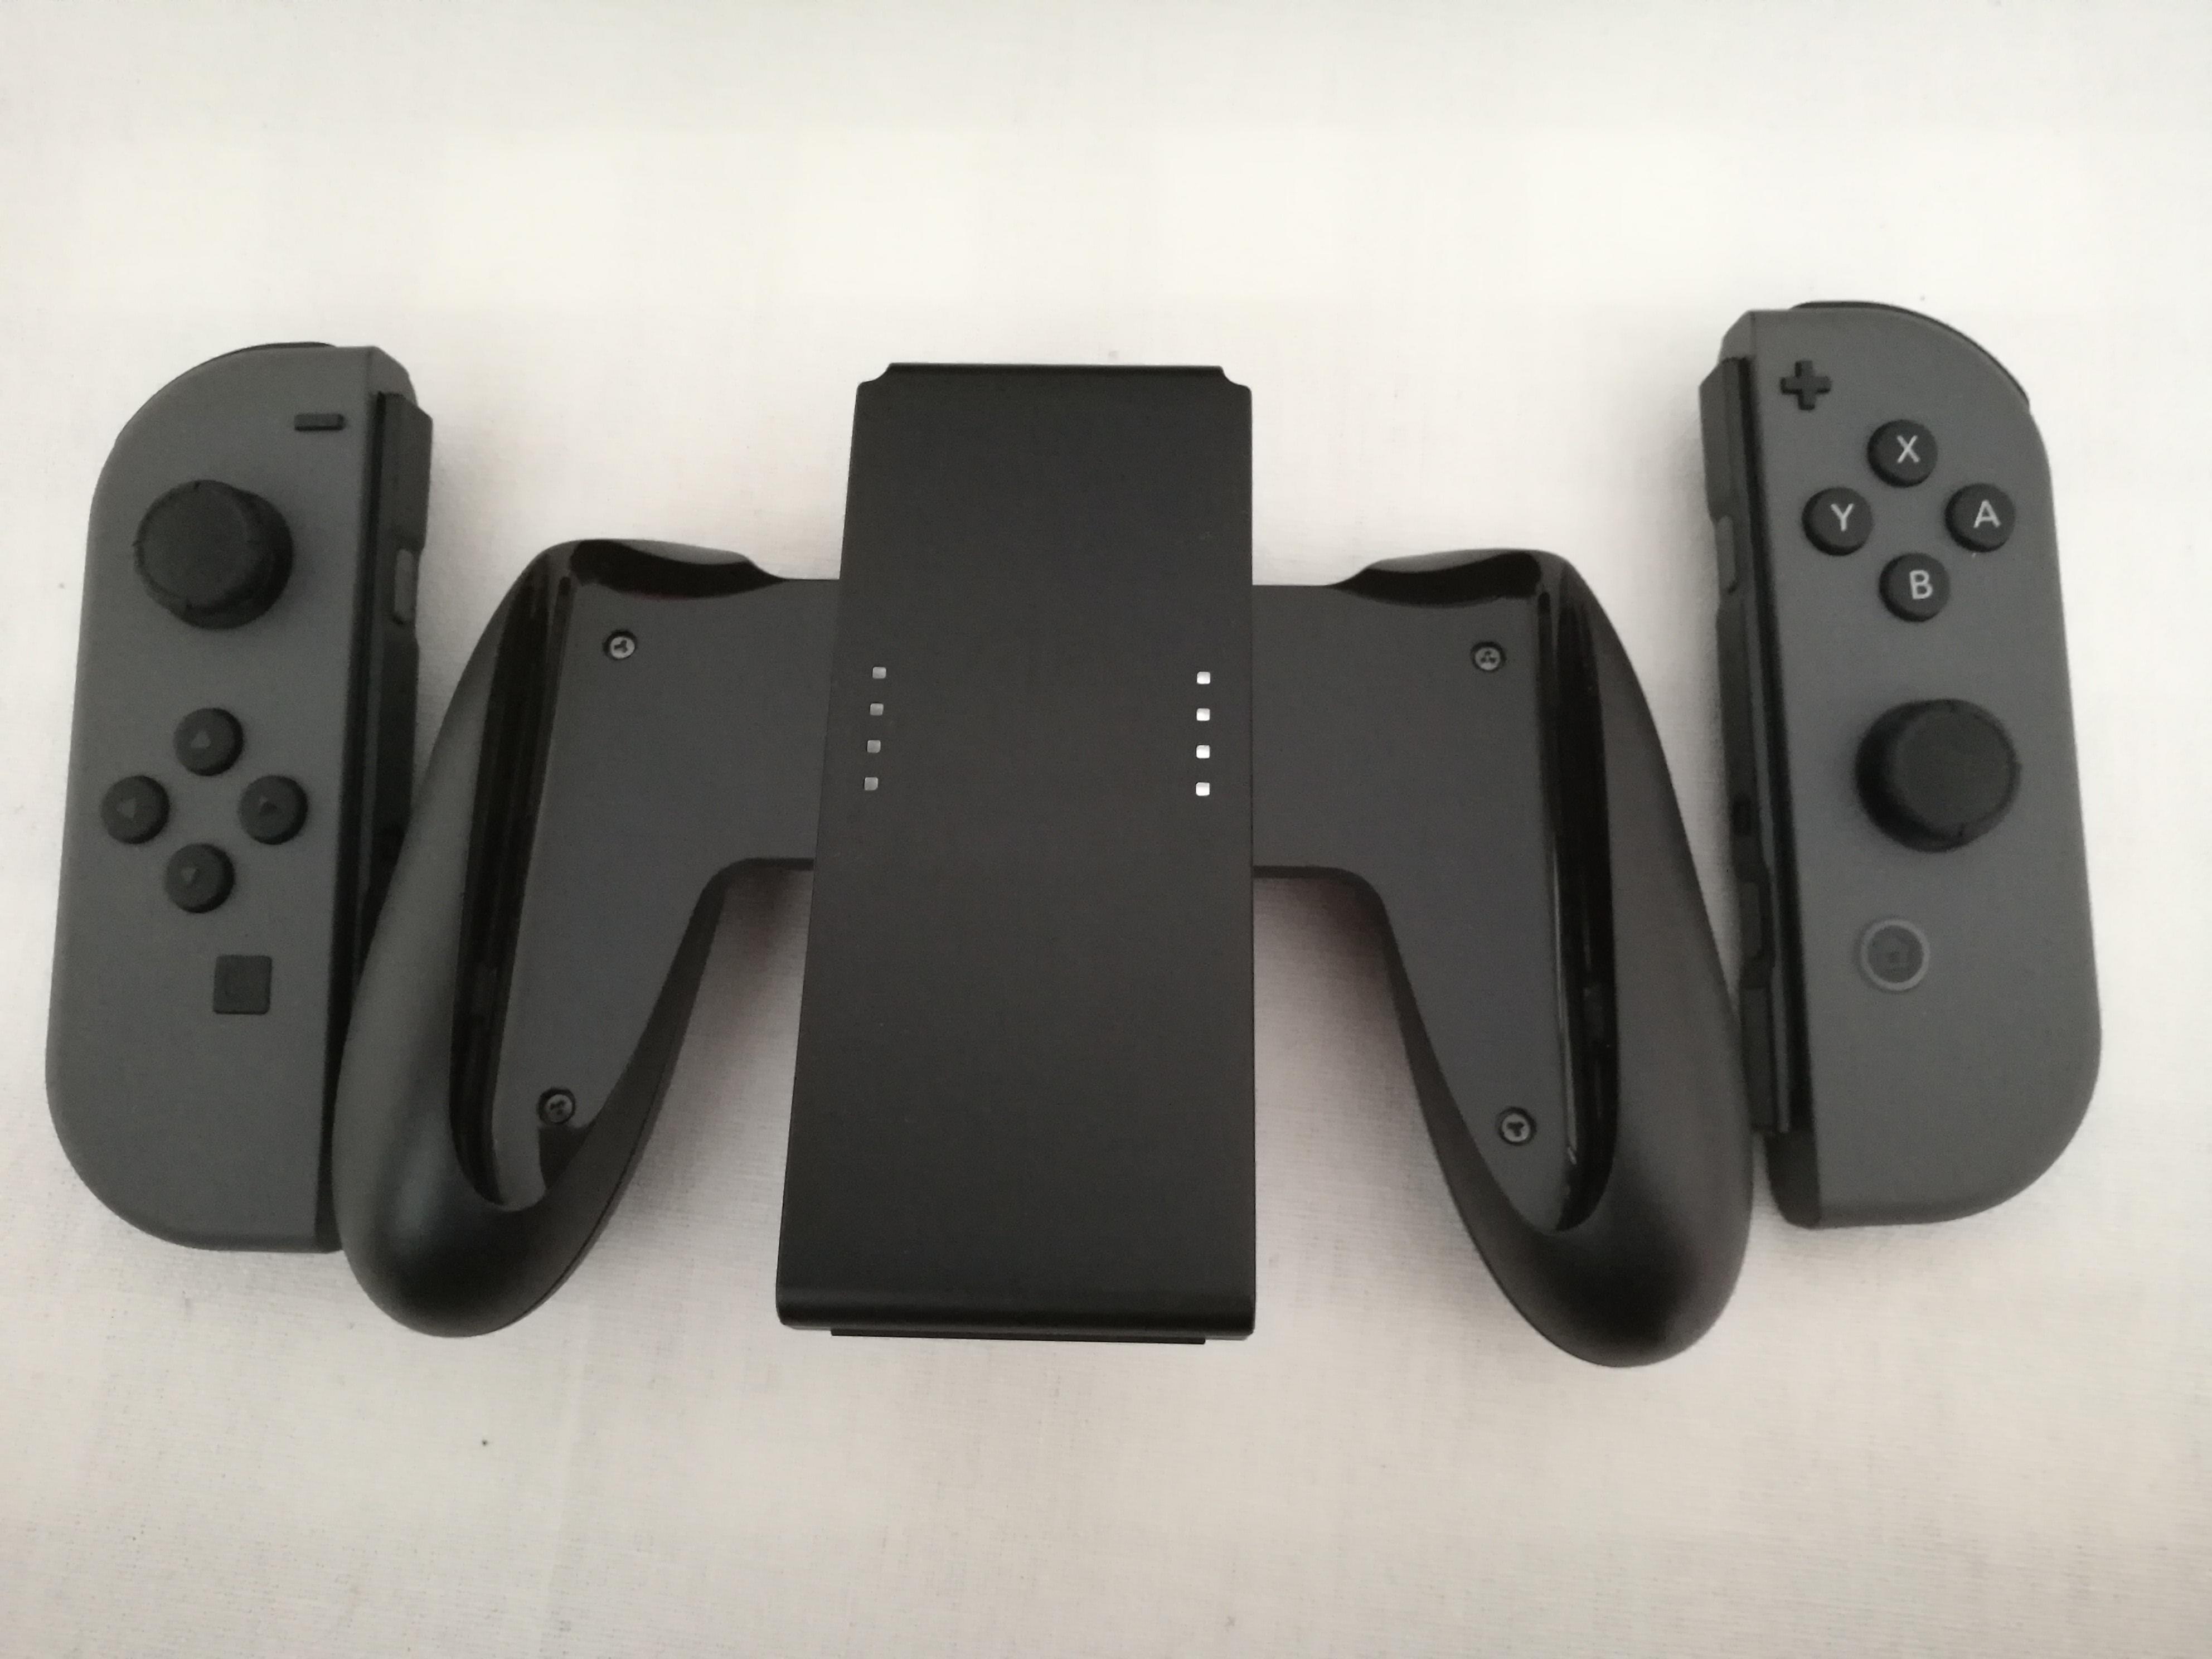 test mon avis sur la console nintendo switch. Black Bedroom Furniture Sets. Home Design Ideas